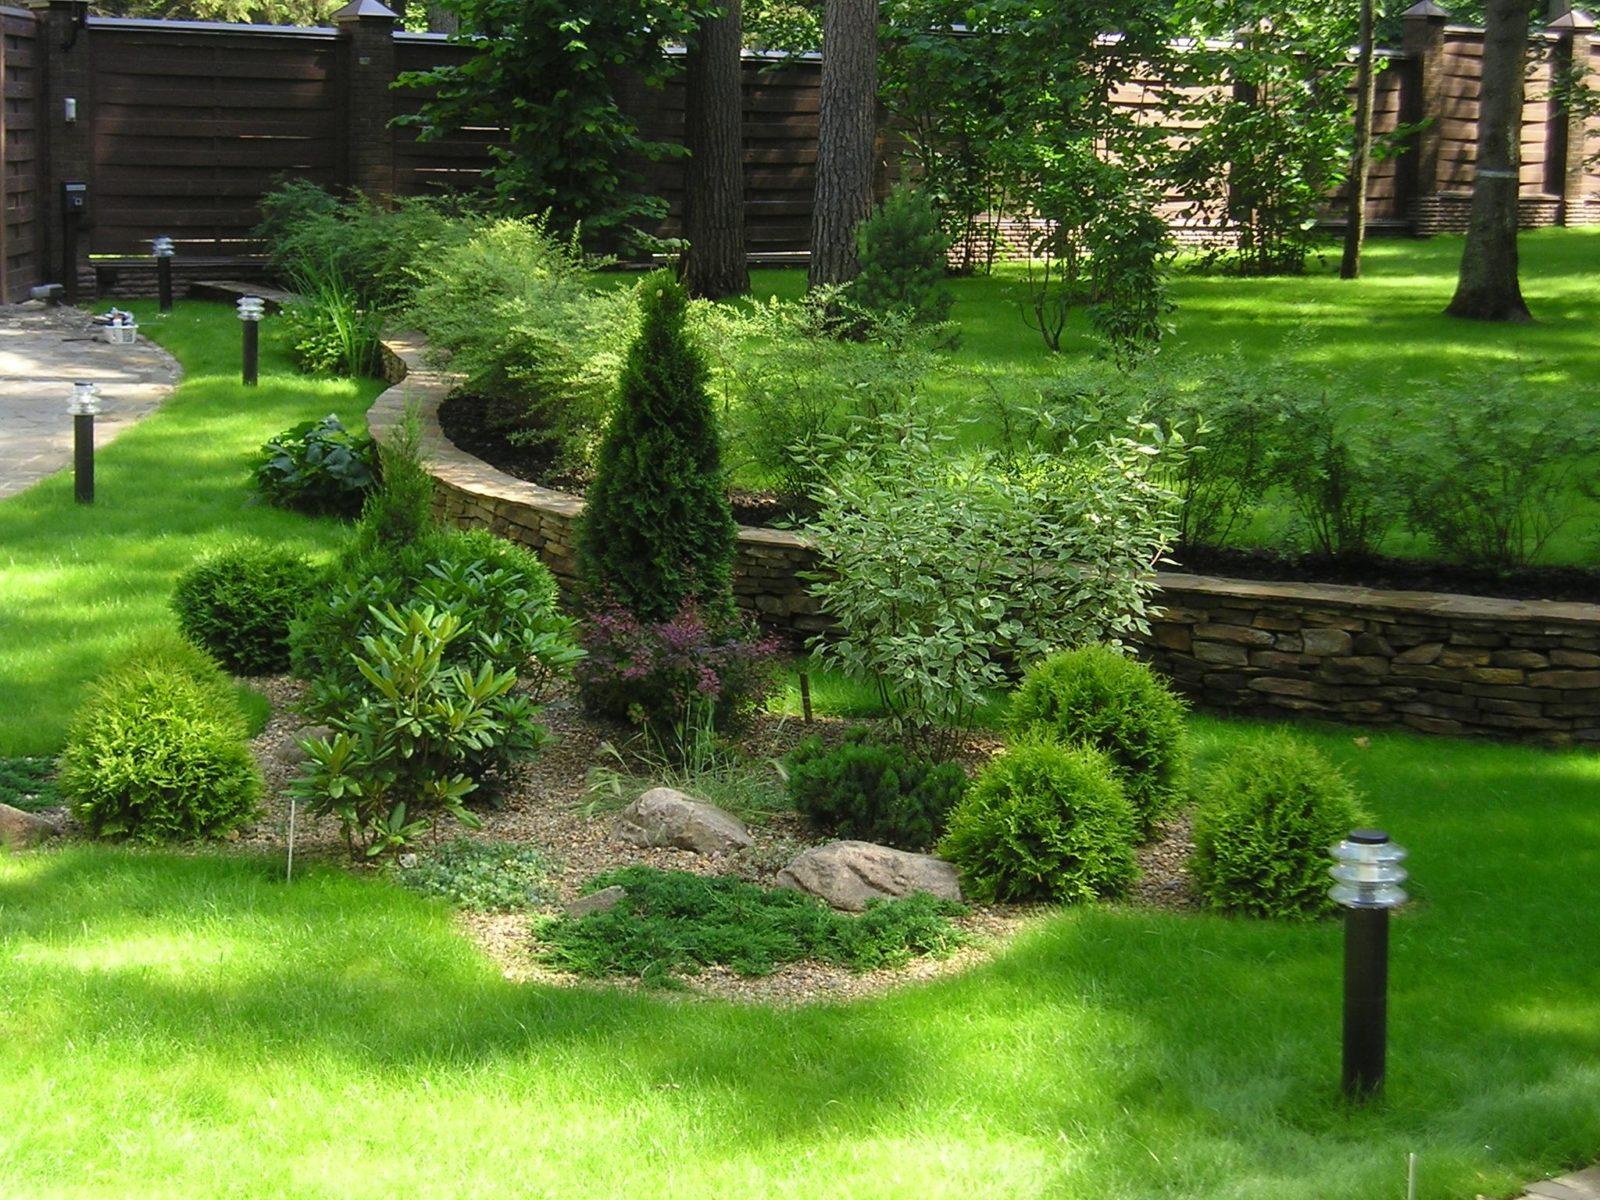 Обустройство сада: современный ландшафтный дизайн